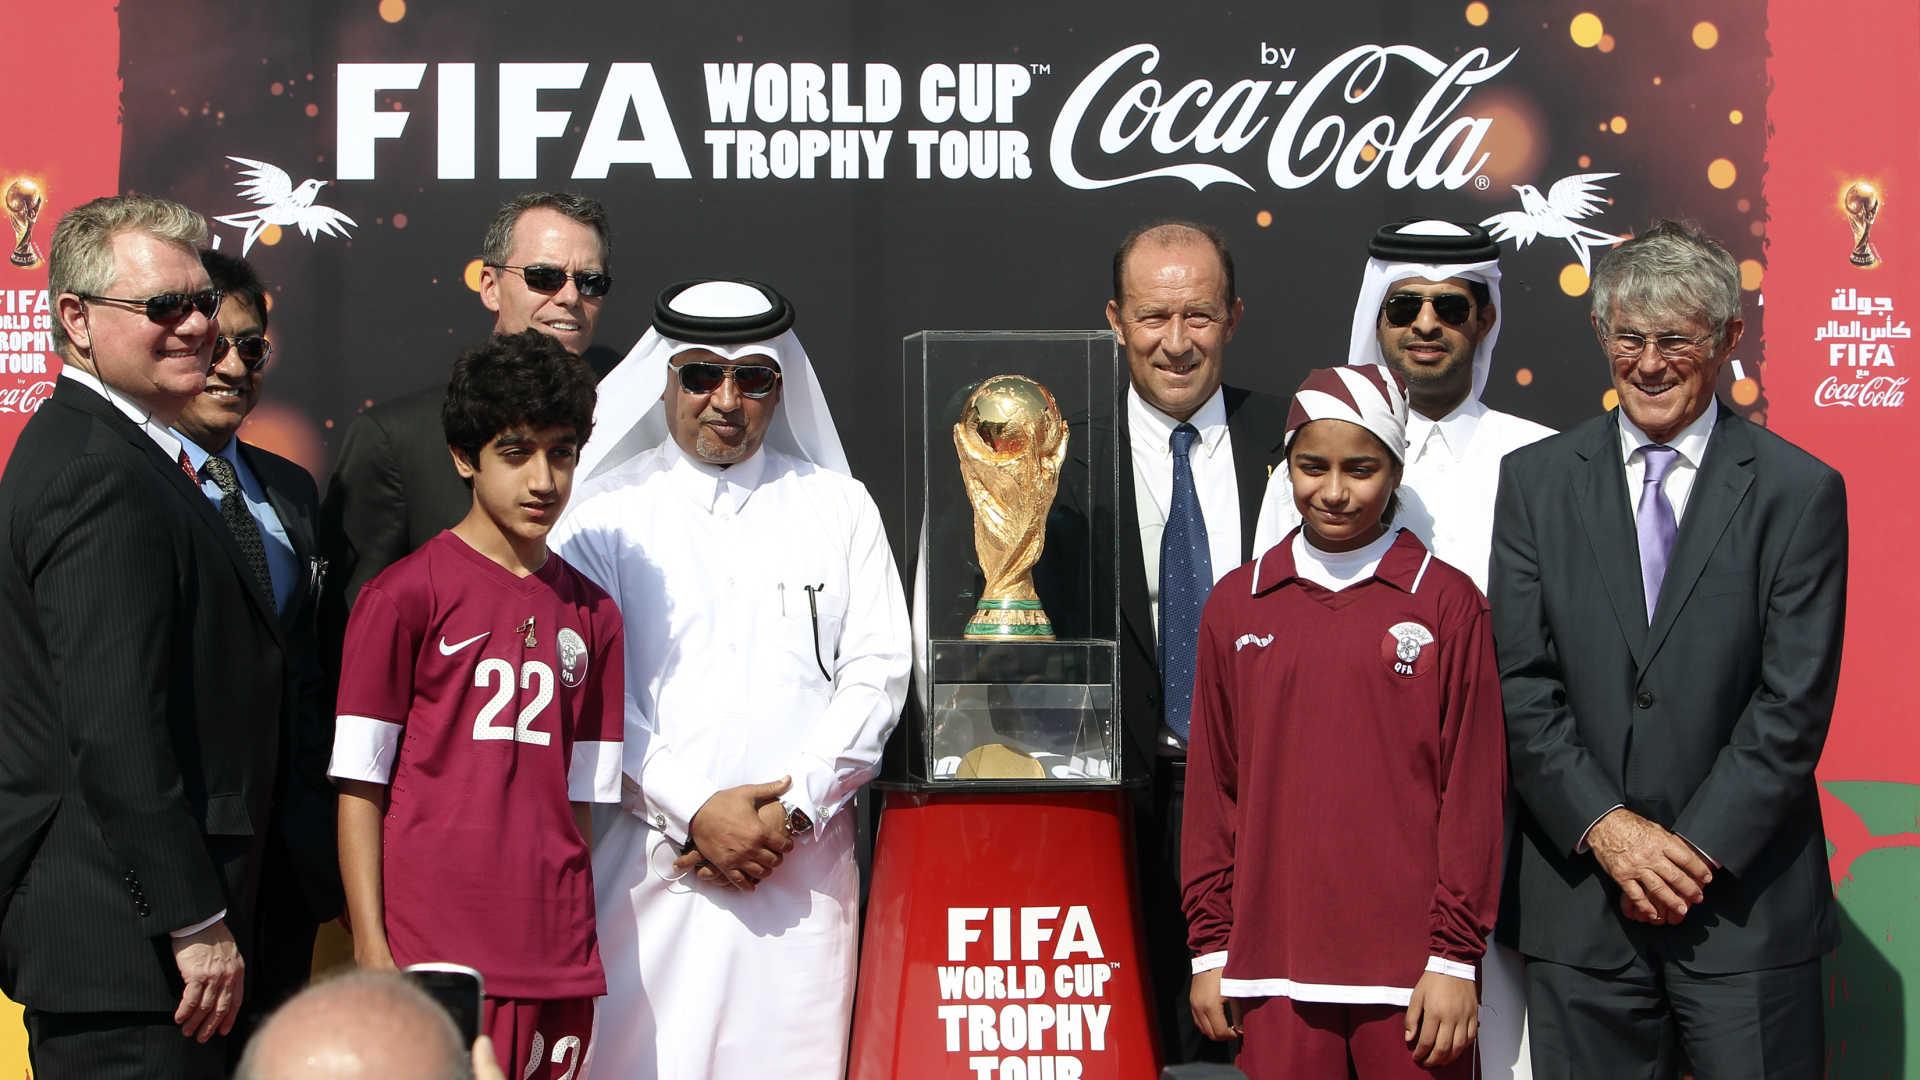 Novo escândalo a assolar a FIFA